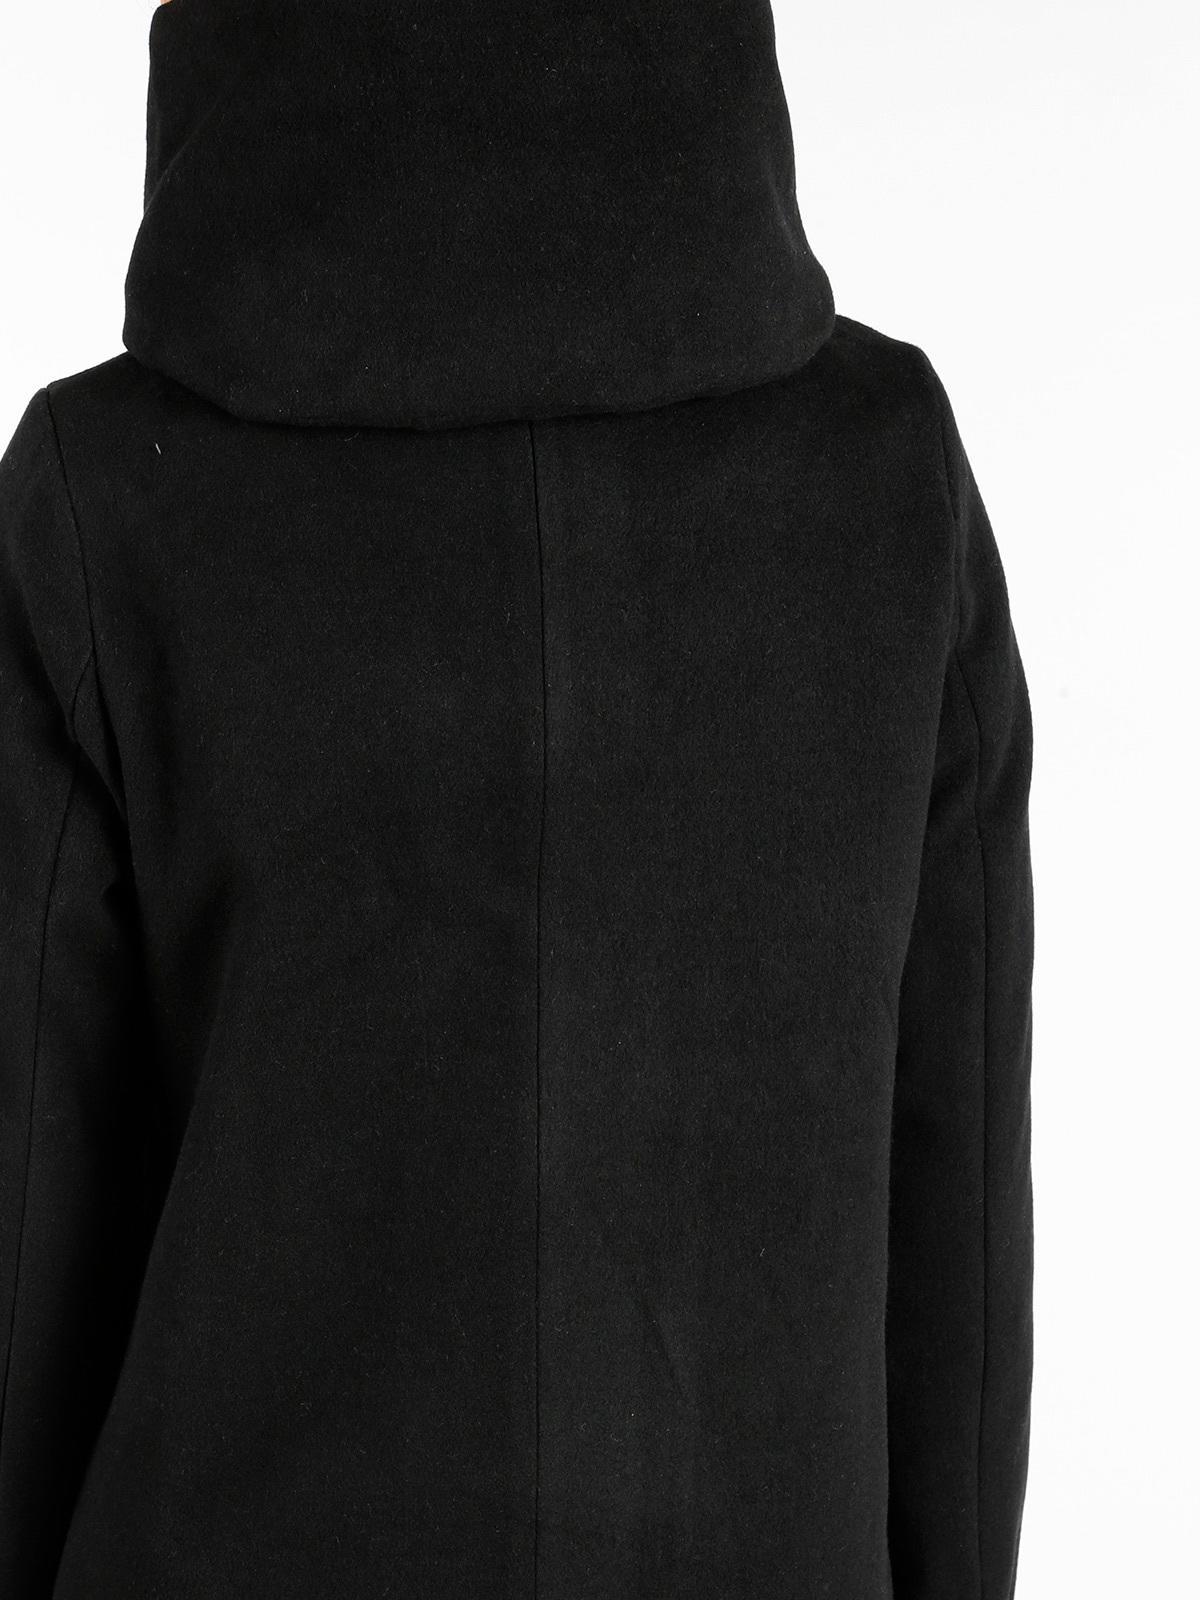 hot sale online 69efe ac6e3 solada Cappotto nero con cappuccio | MecShopping